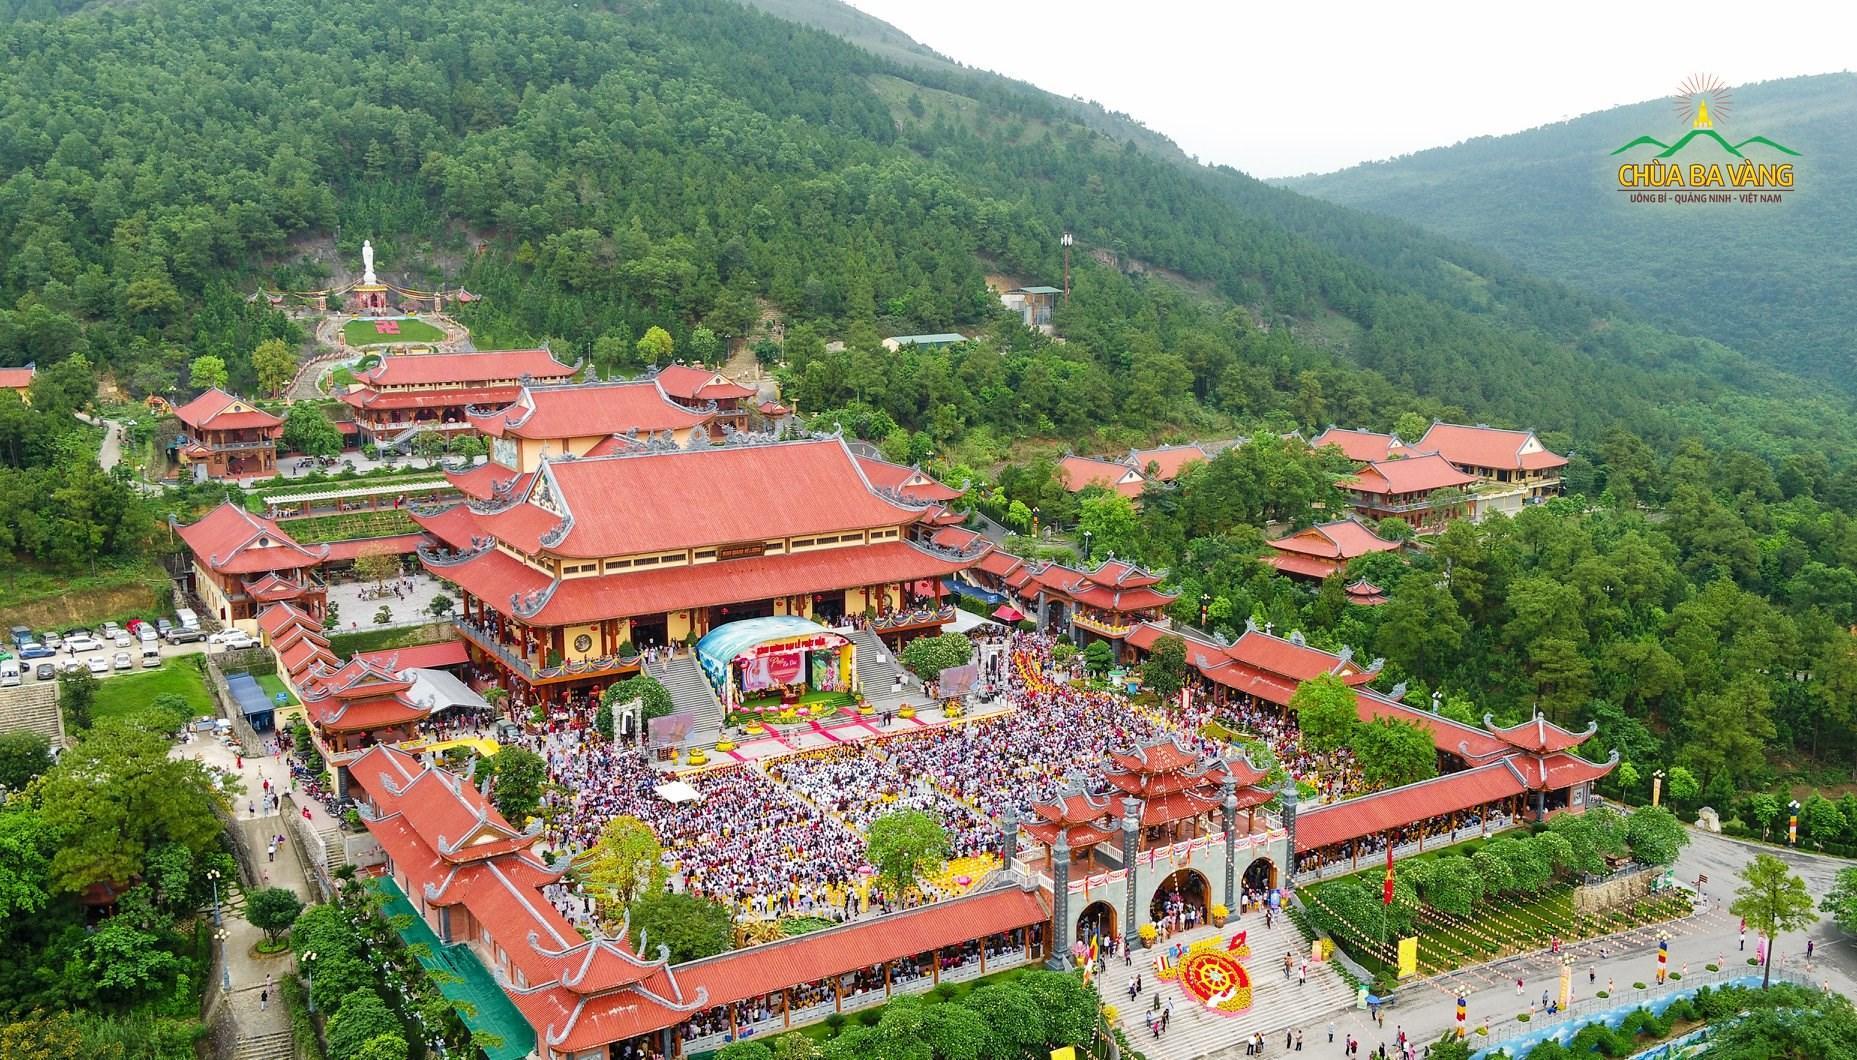 Chùa Ba Vàng - Uông Bí - Quảng Ninh